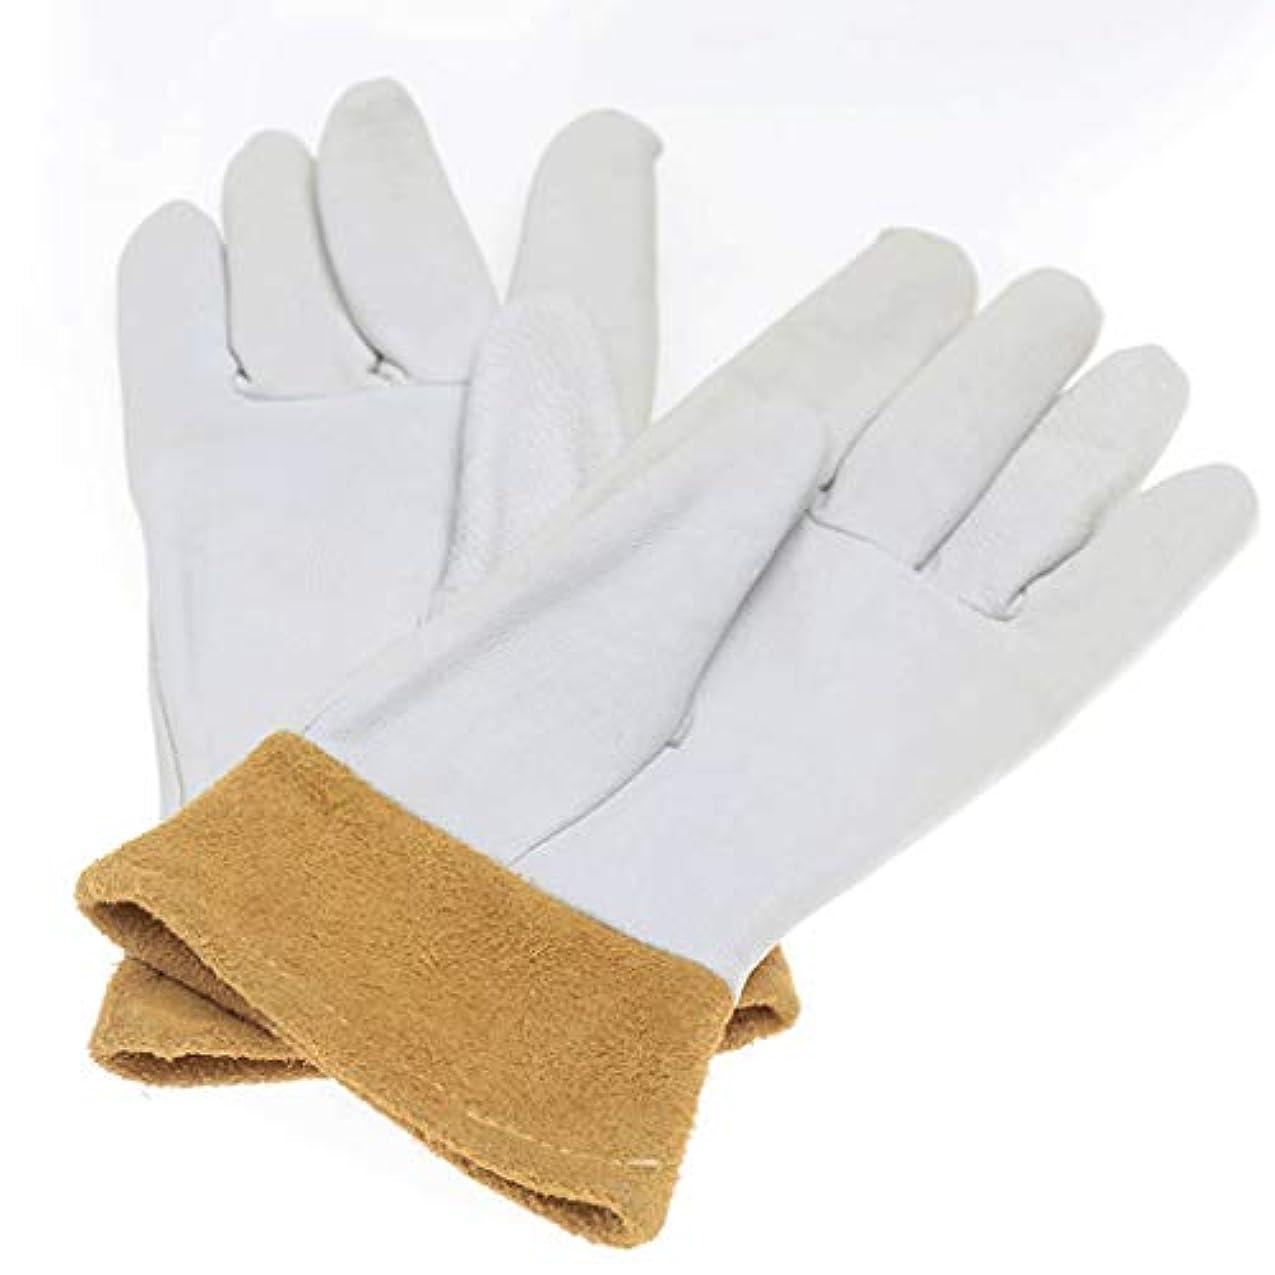 基本的な移動するアルバニー電気溶接用手袋シープスキン溶接機保護用増粘絶縁アルゴンアーク溶接用手袋 (サイズ さいず : XL)